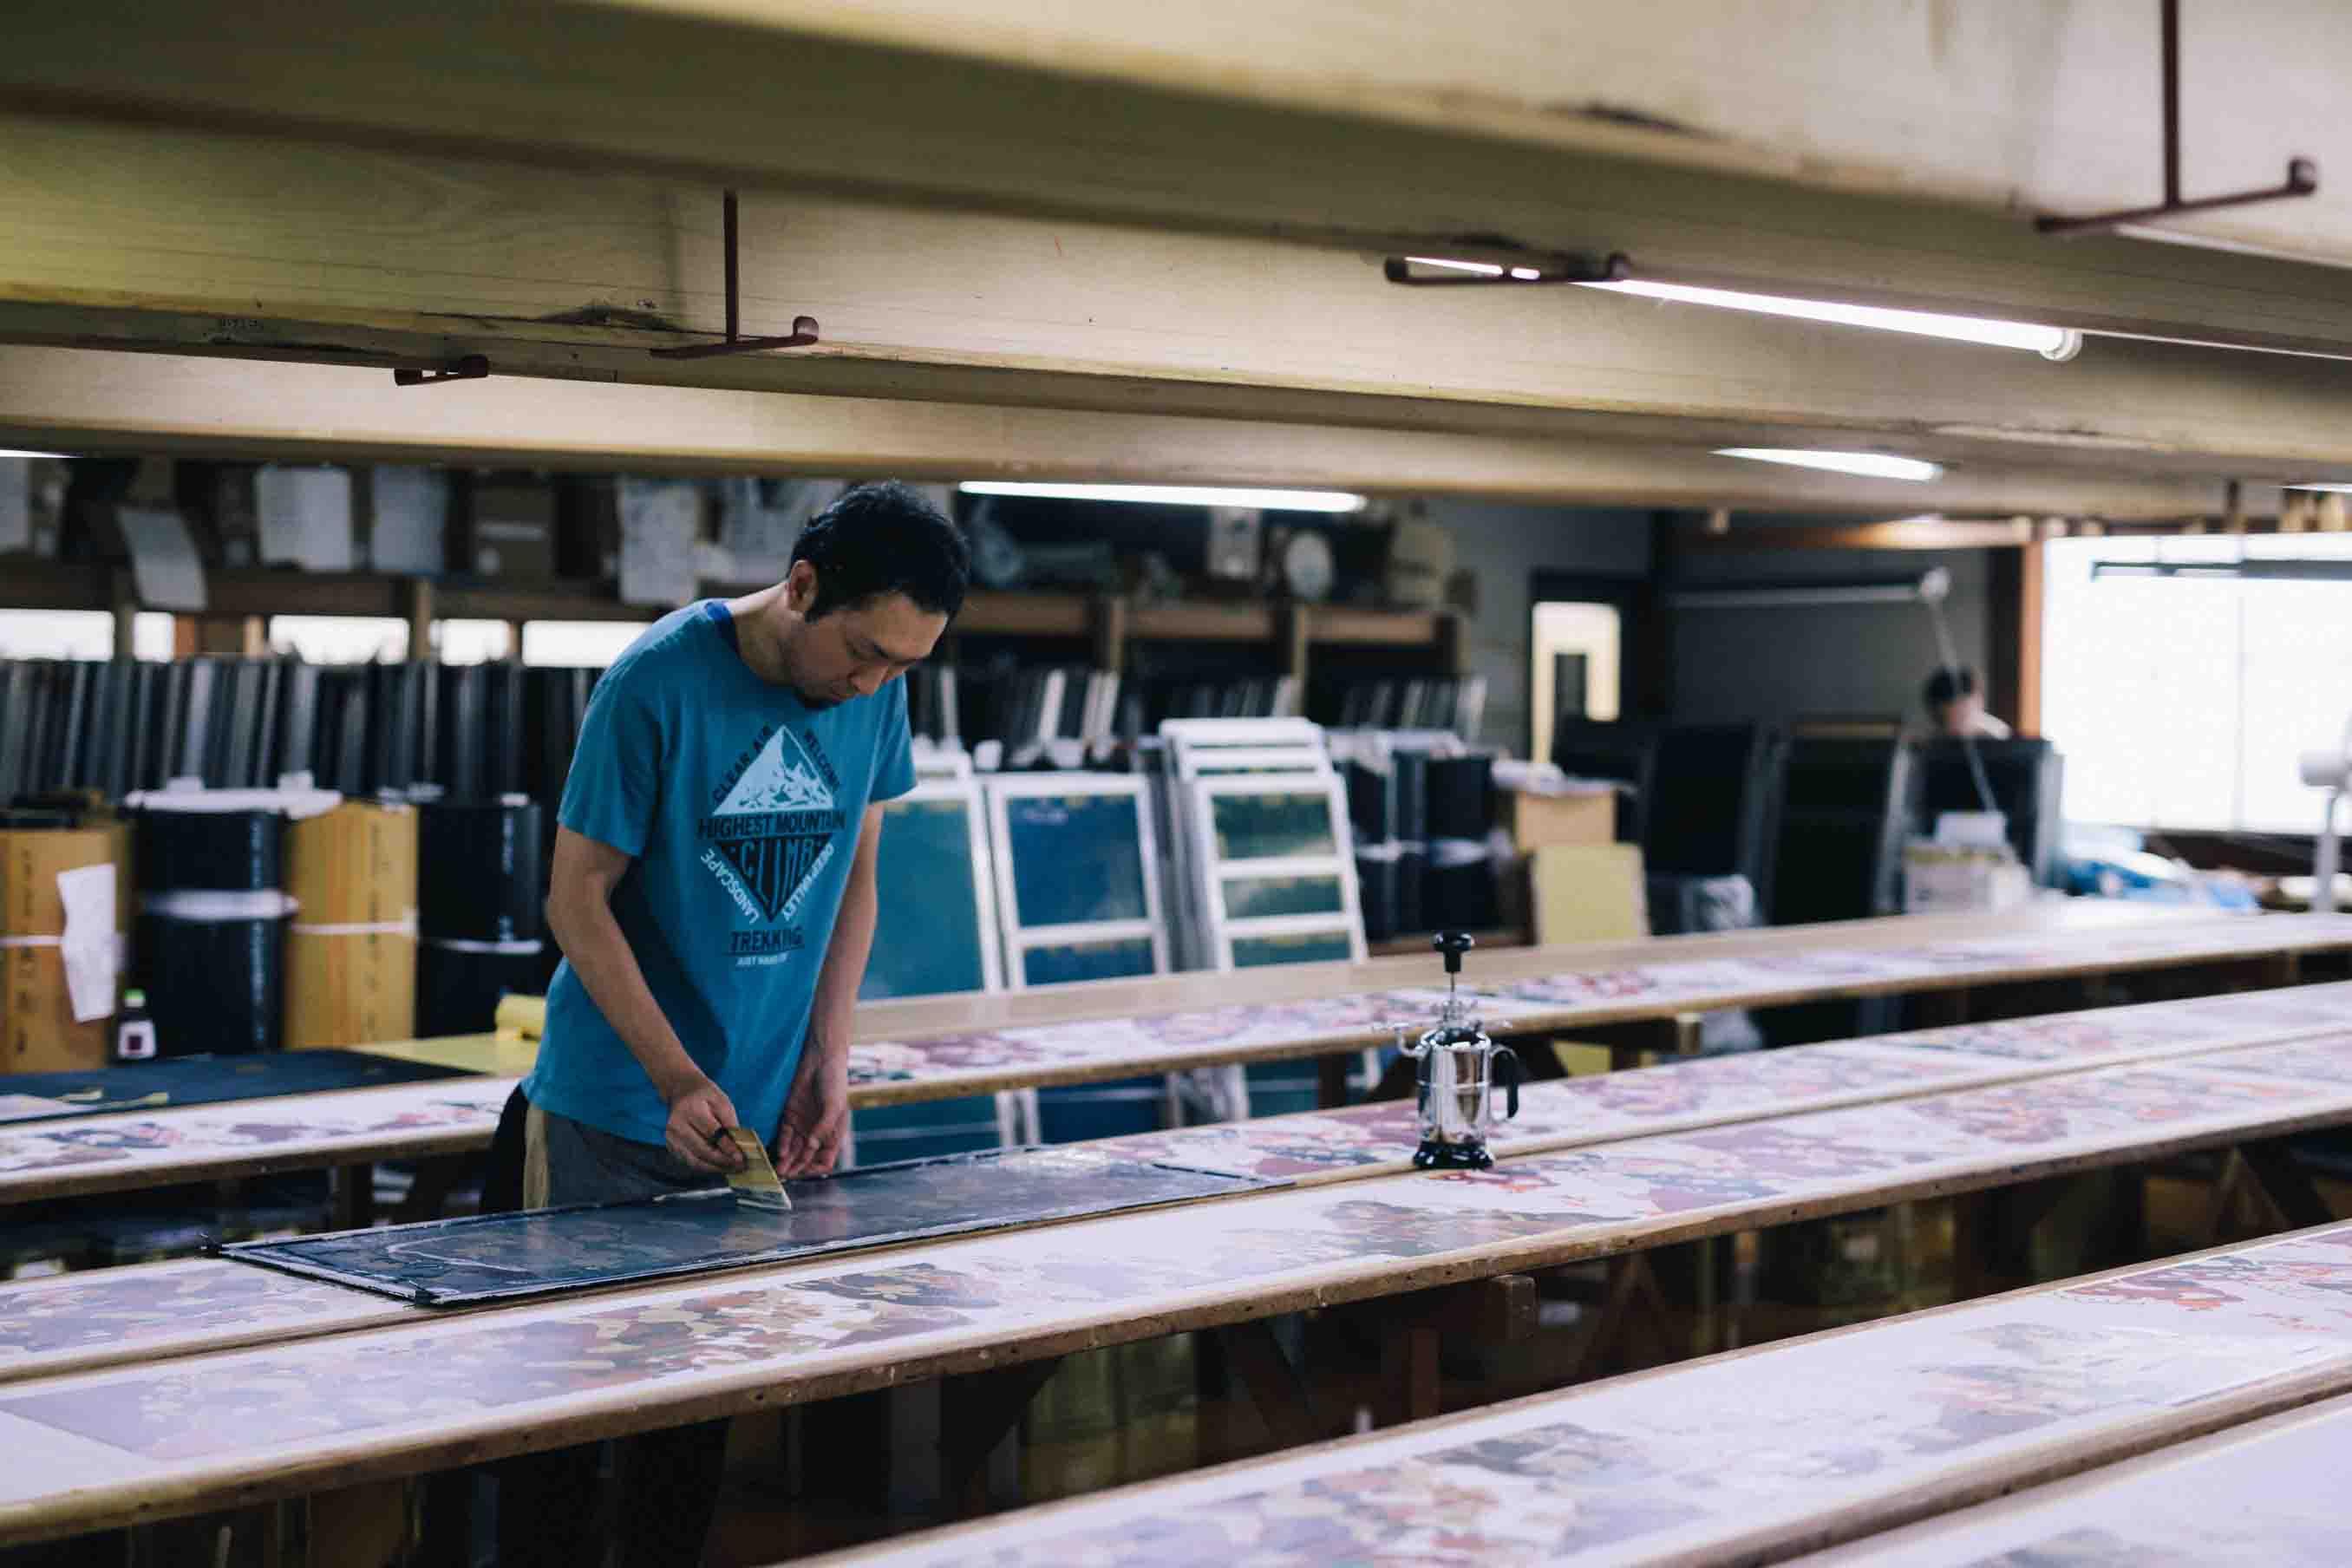 長い板の上に乗せられた白生地に型を当て、1色ずつ染め上げていきます